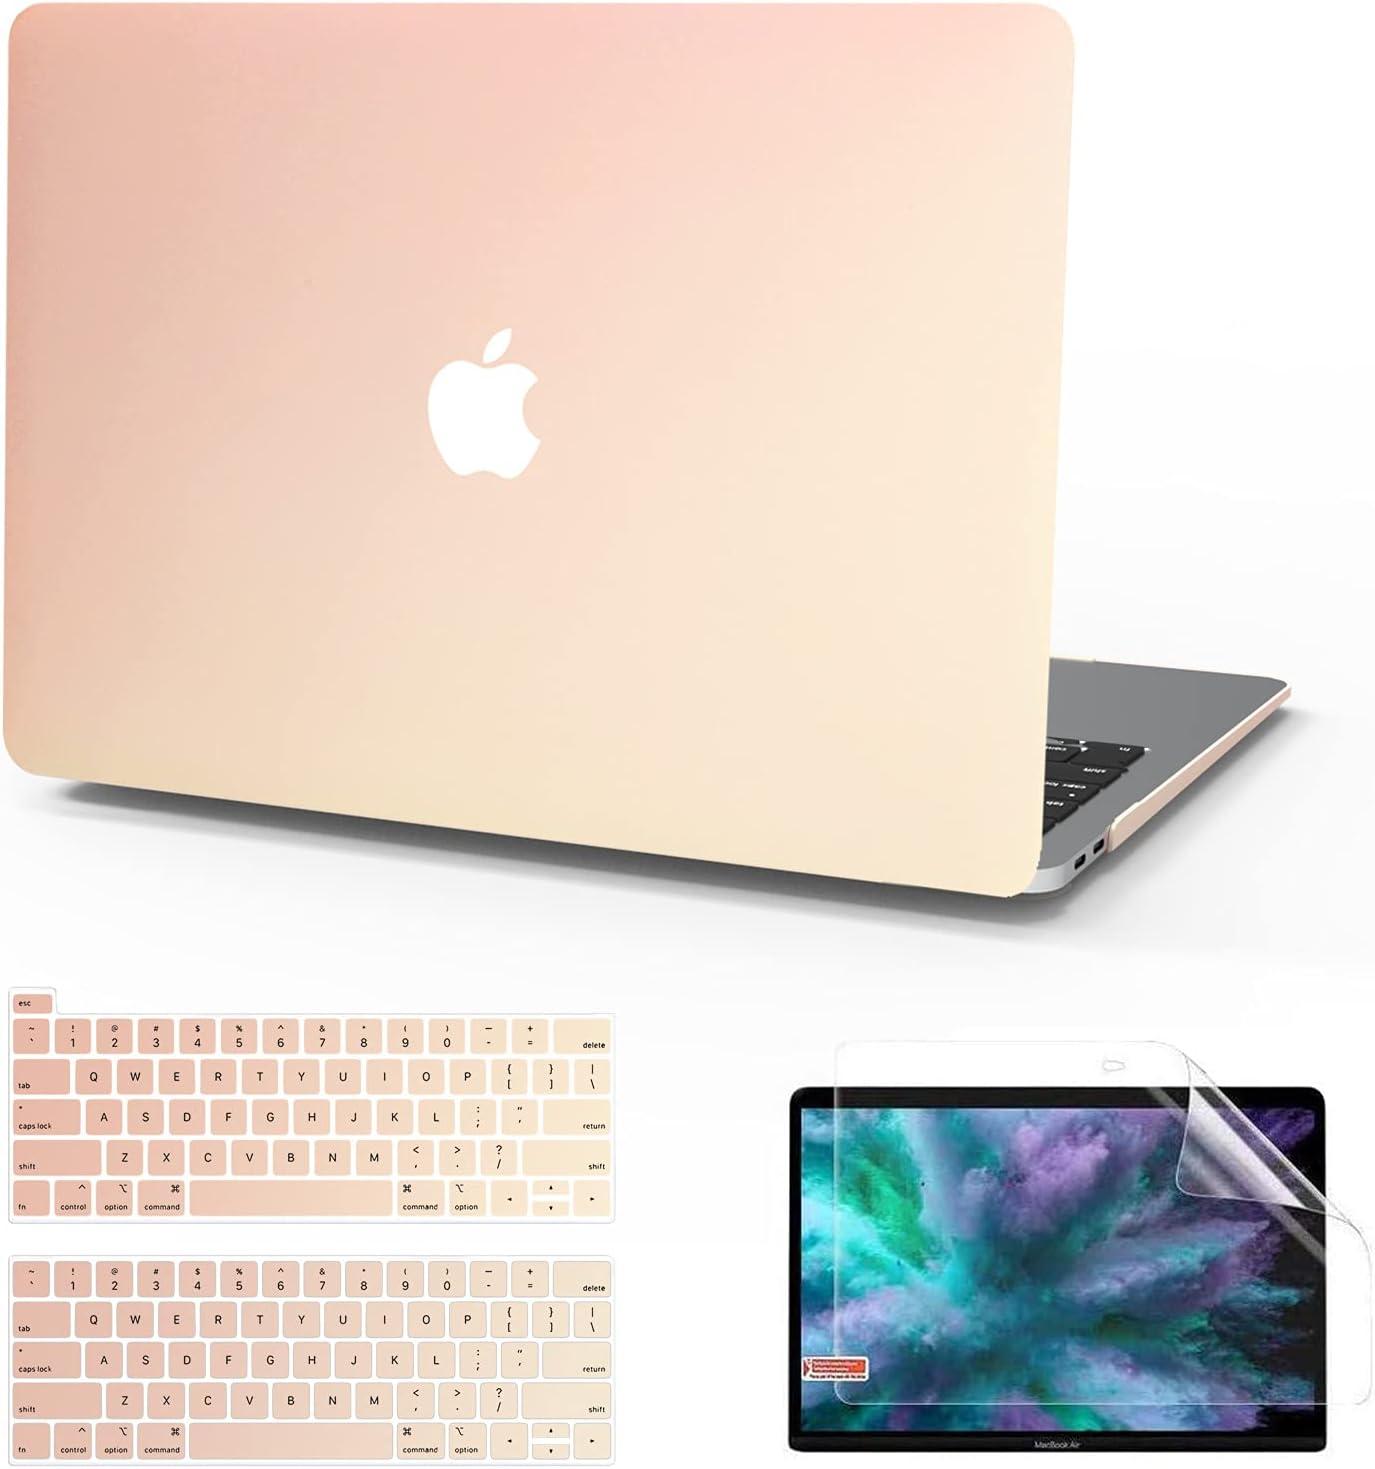 Anban MacBook Pro 13 Inch Case 2020 2019 2018 2017 2016 Release A2338 M1 A2251 A2289 A2159 A1989 A1706 A1708, Slim Plastic Hard Cover + Keyboard Cover + Screen Skin, Mac Pro 2020 M1 Case Touch Bar